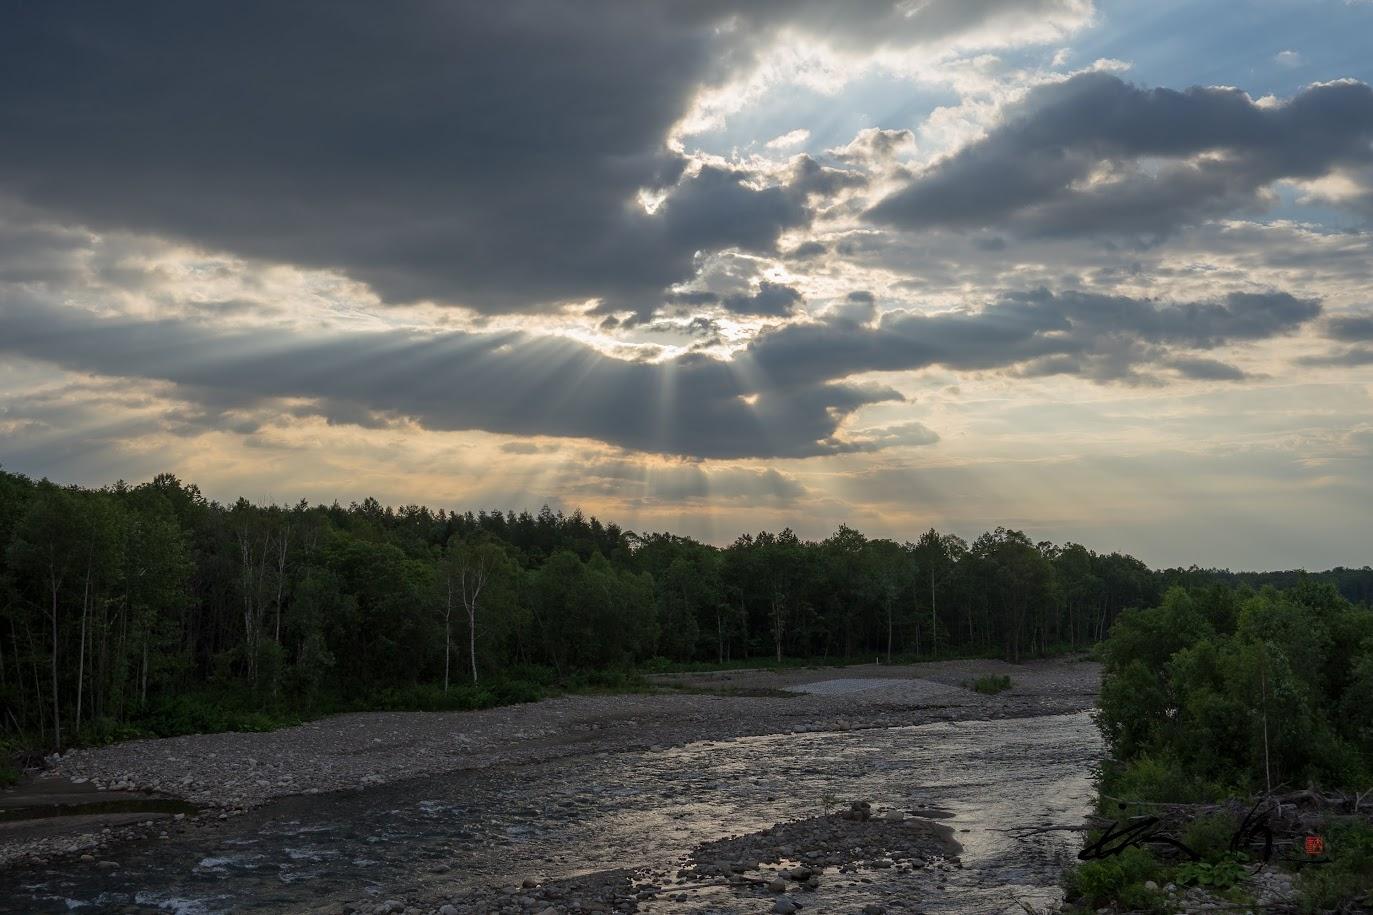 藍墨茶色の雲から降り注ぐ朝陽